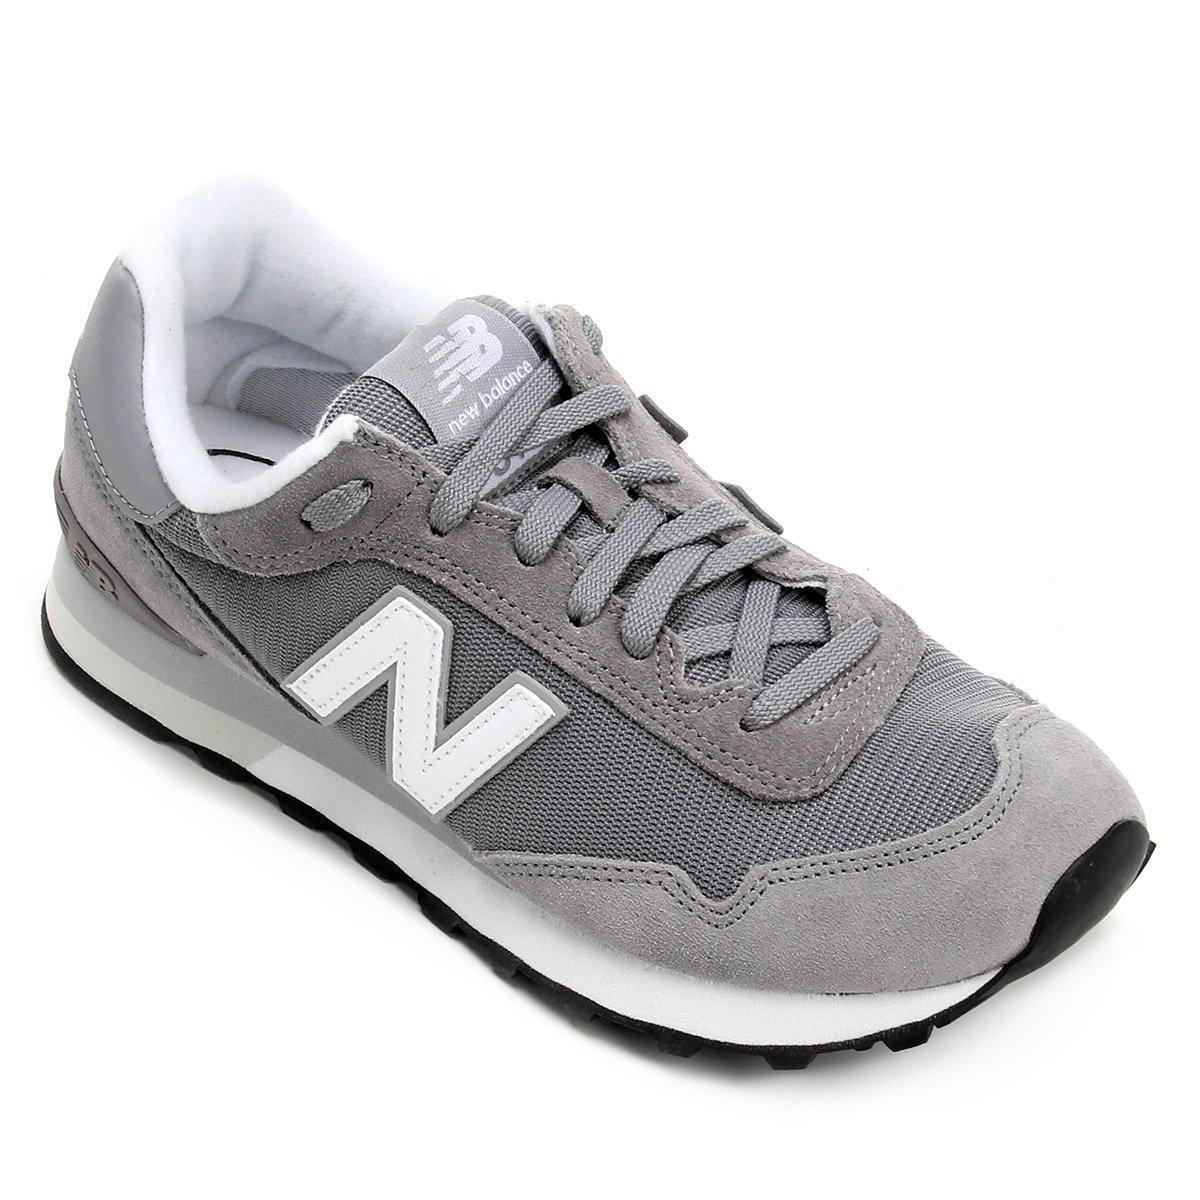 639366e331 Tênis New Balance 515 Masculino - Compre Agora